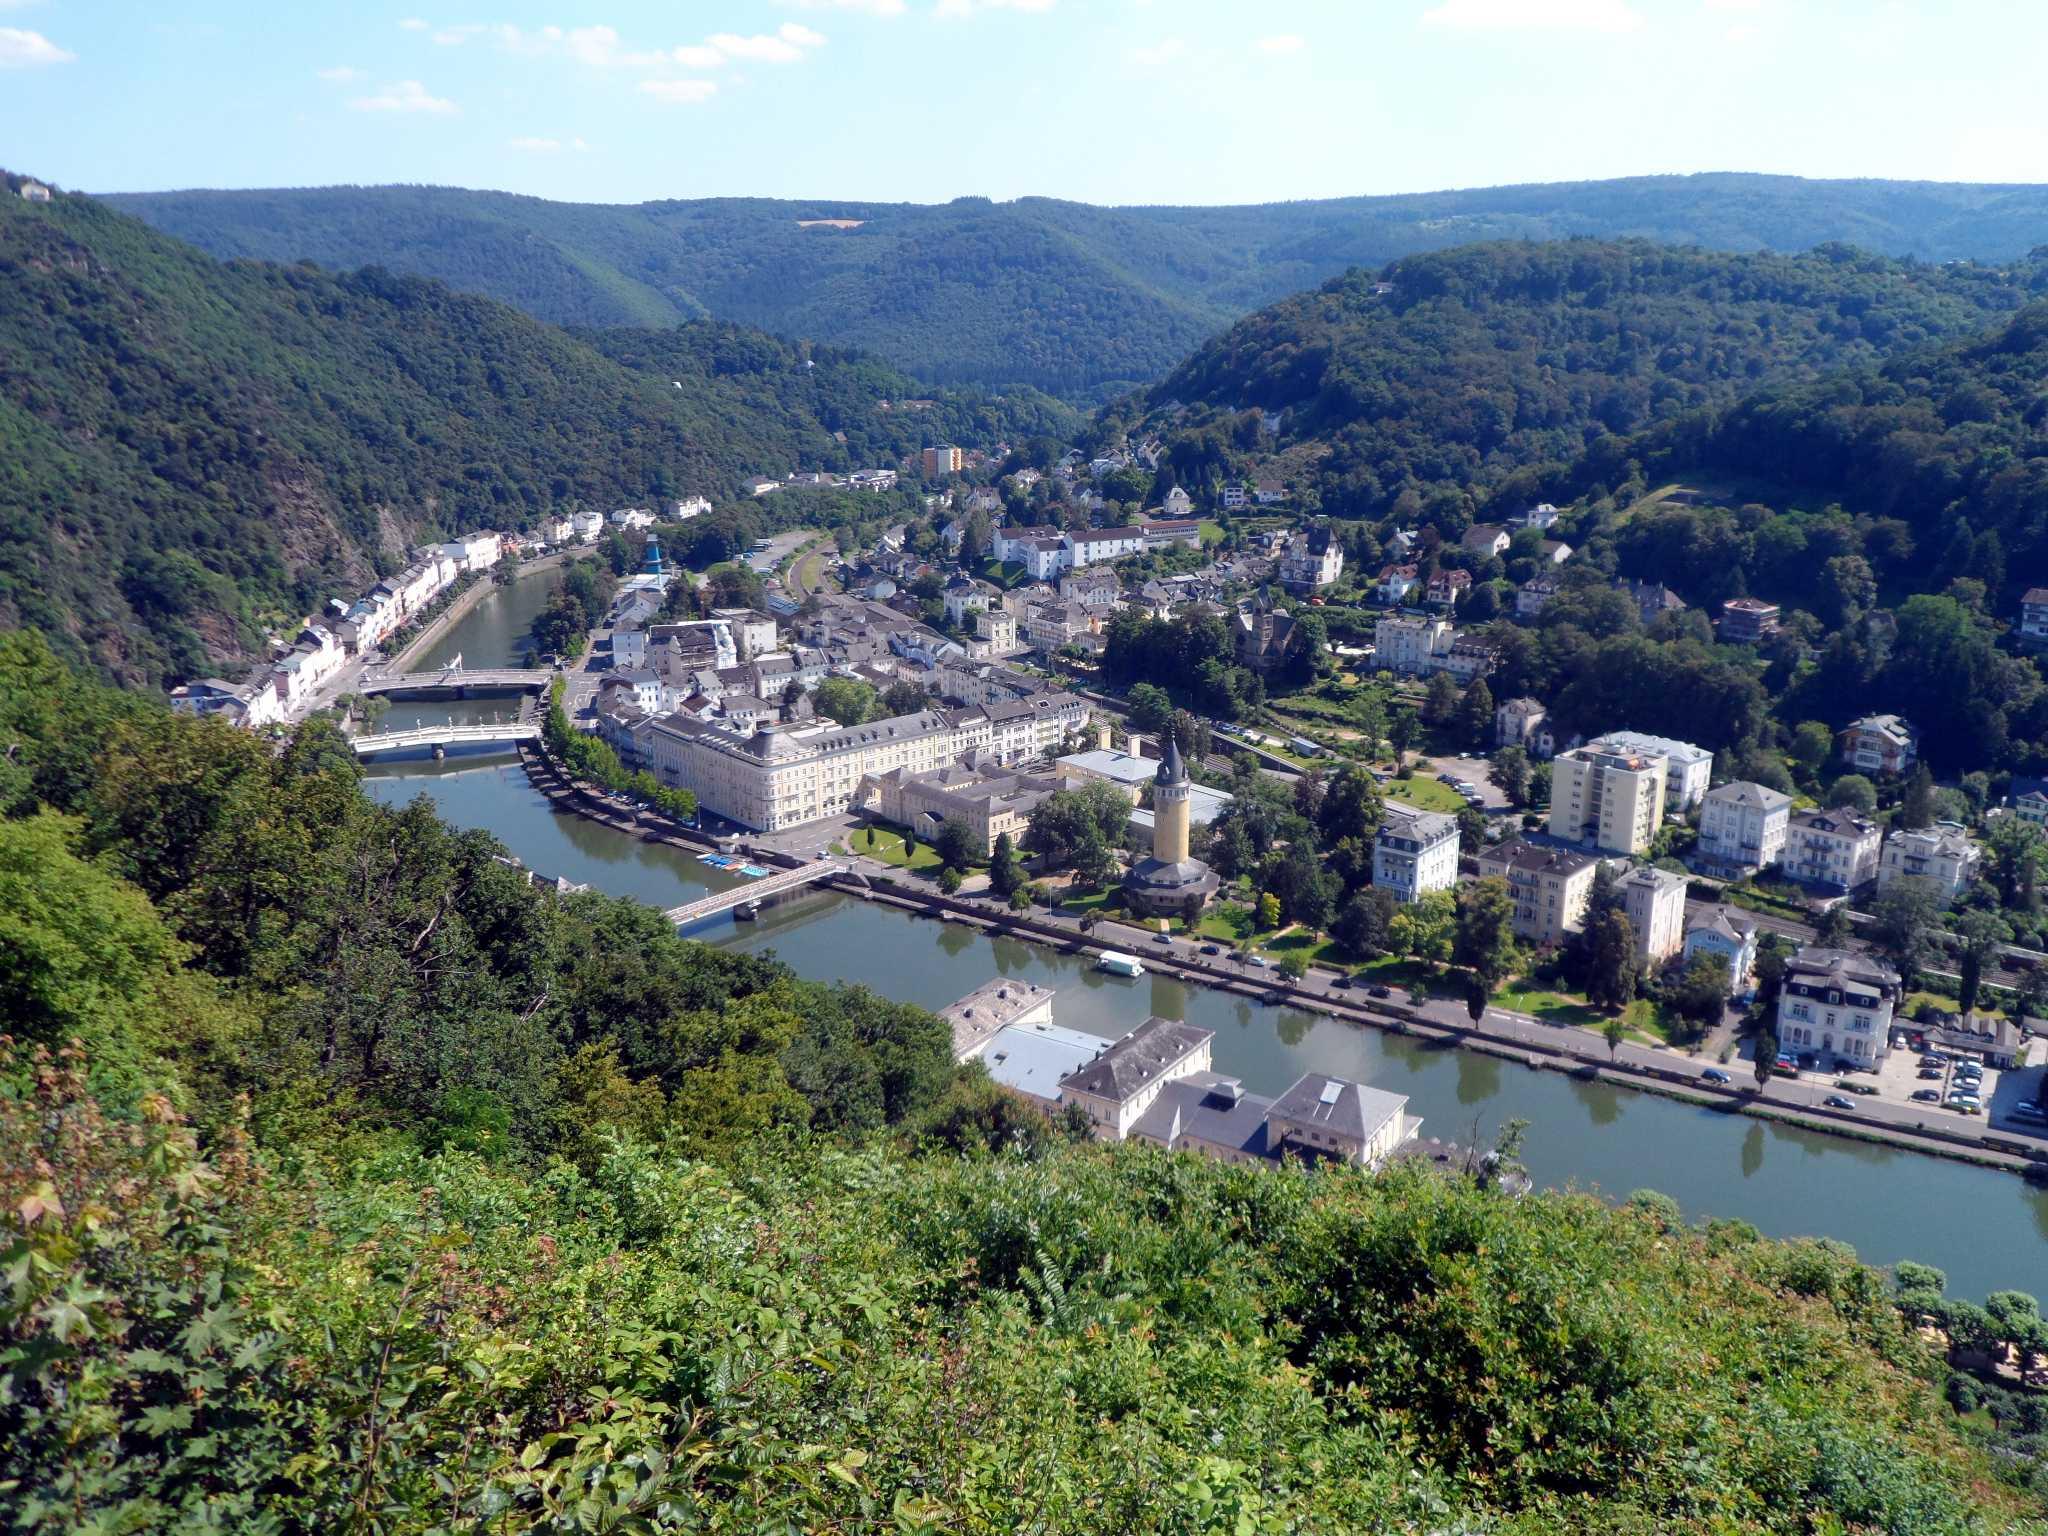 VG Bad Ems (Dausenau)